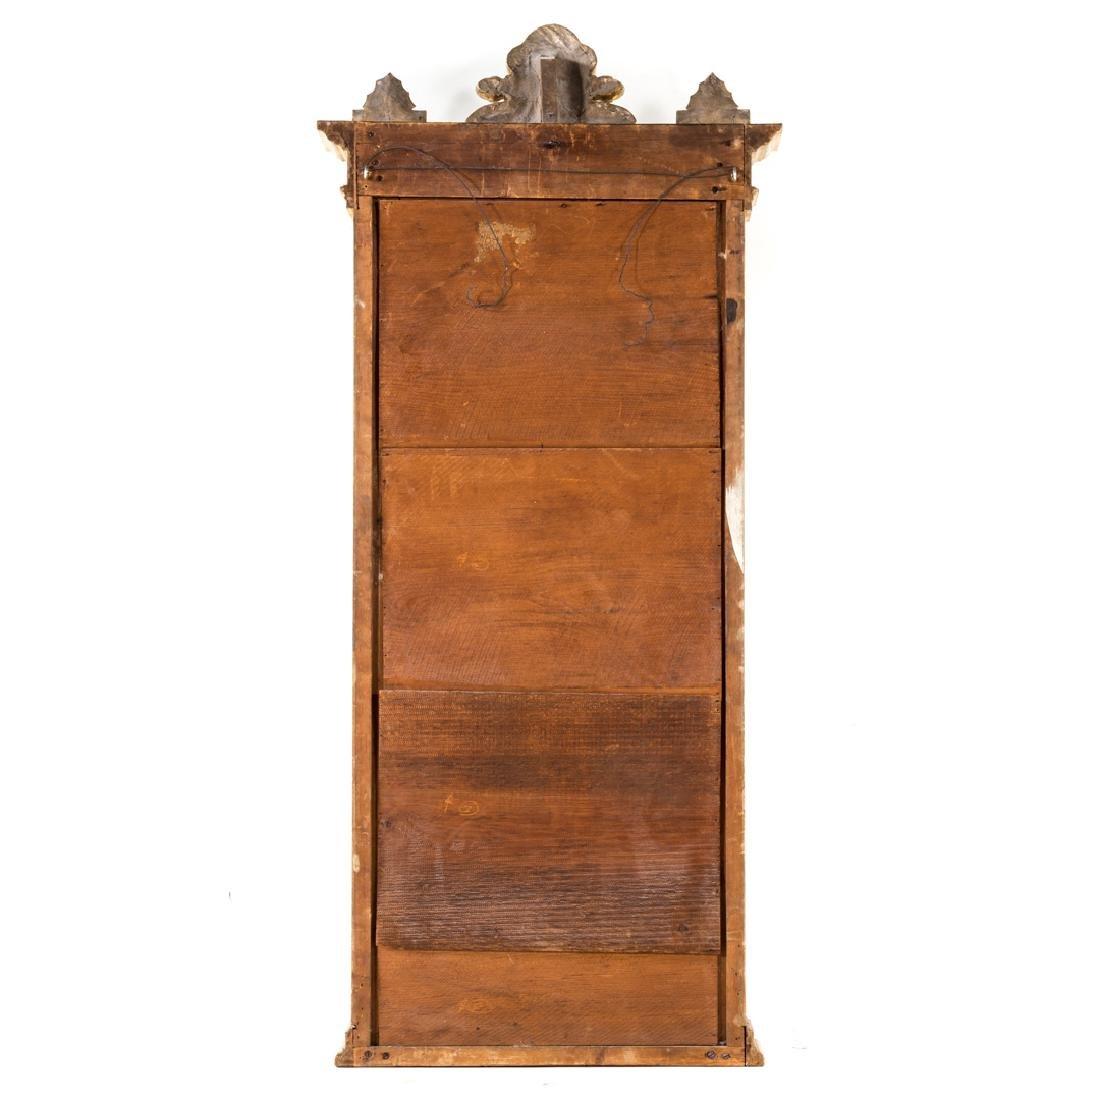 Renaissance Revival giltwood pier mirror - 3